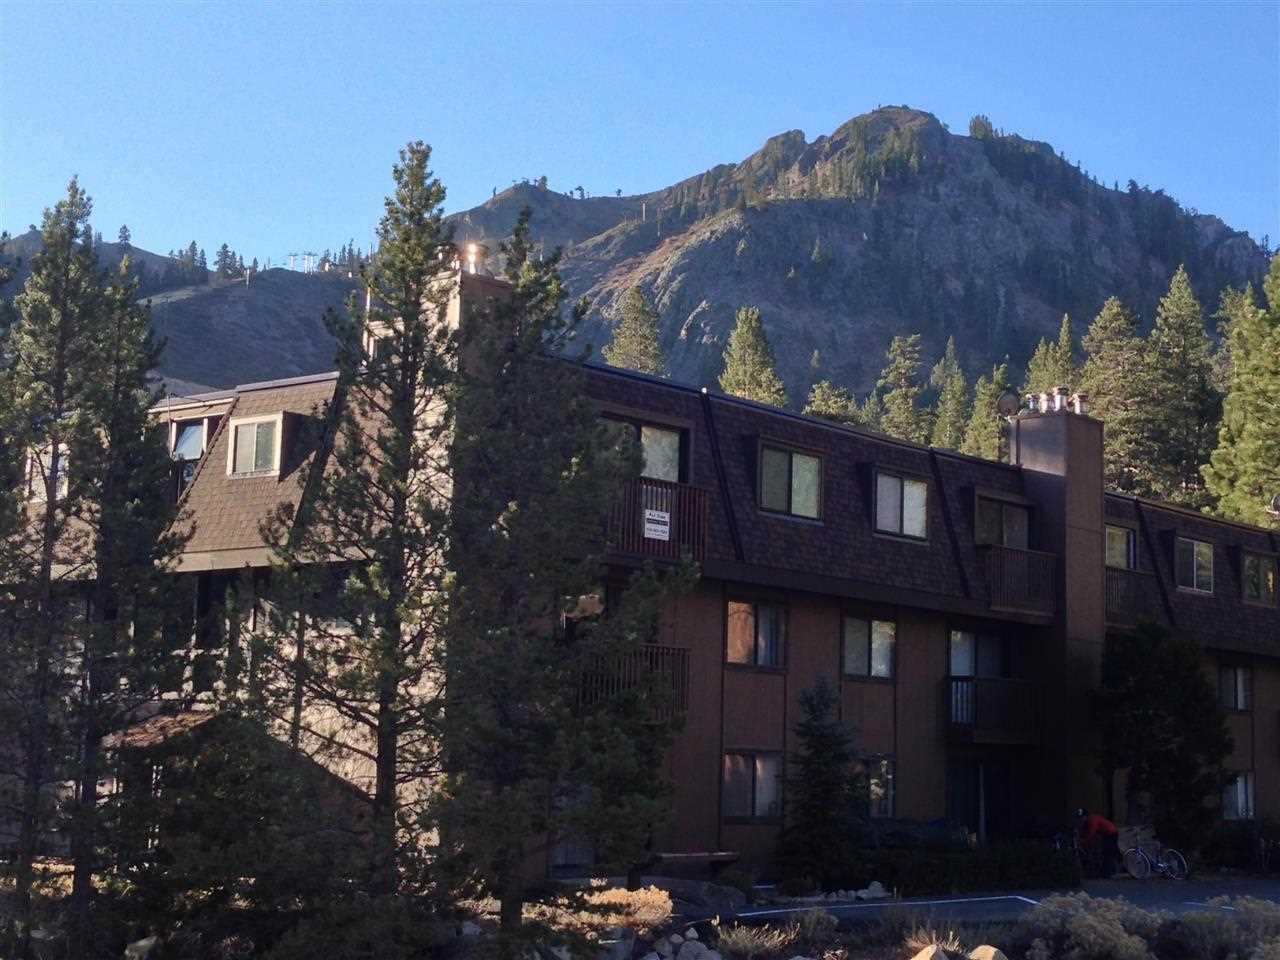 公寓 / 联排别墅 为 销售 在 420 Squaw Peak Road 奥林匹克山, 加利福尼亚州 96146 美国